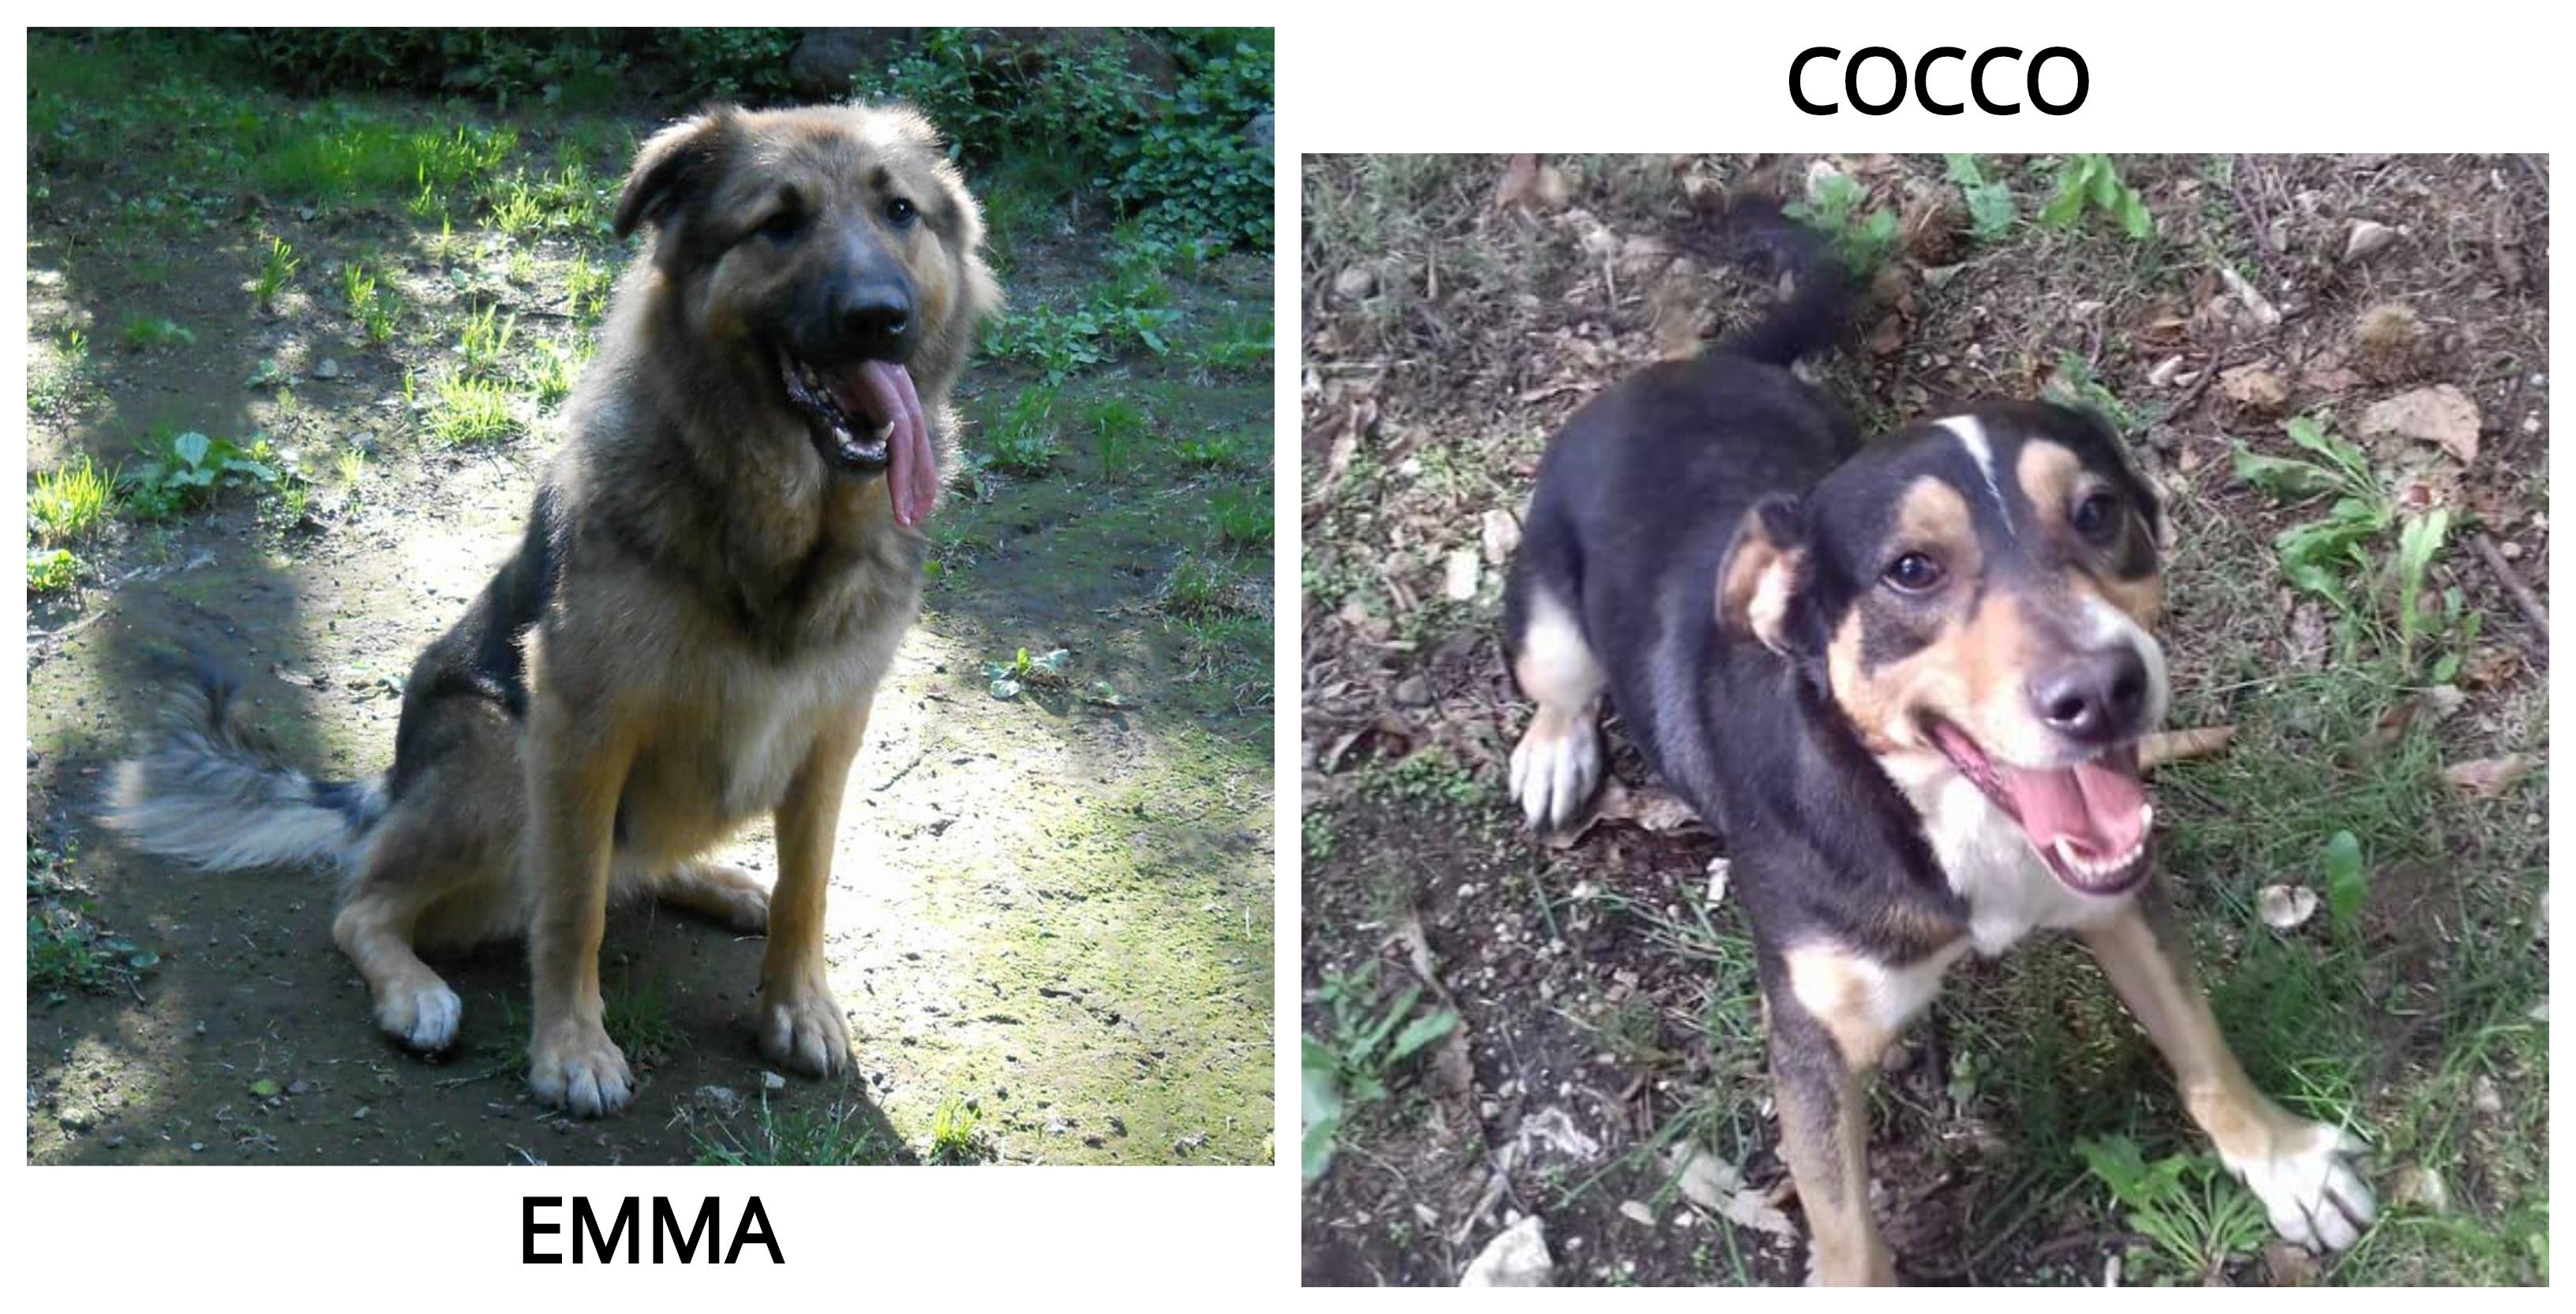 Emma e Cocco cercano casa: appello per adozione